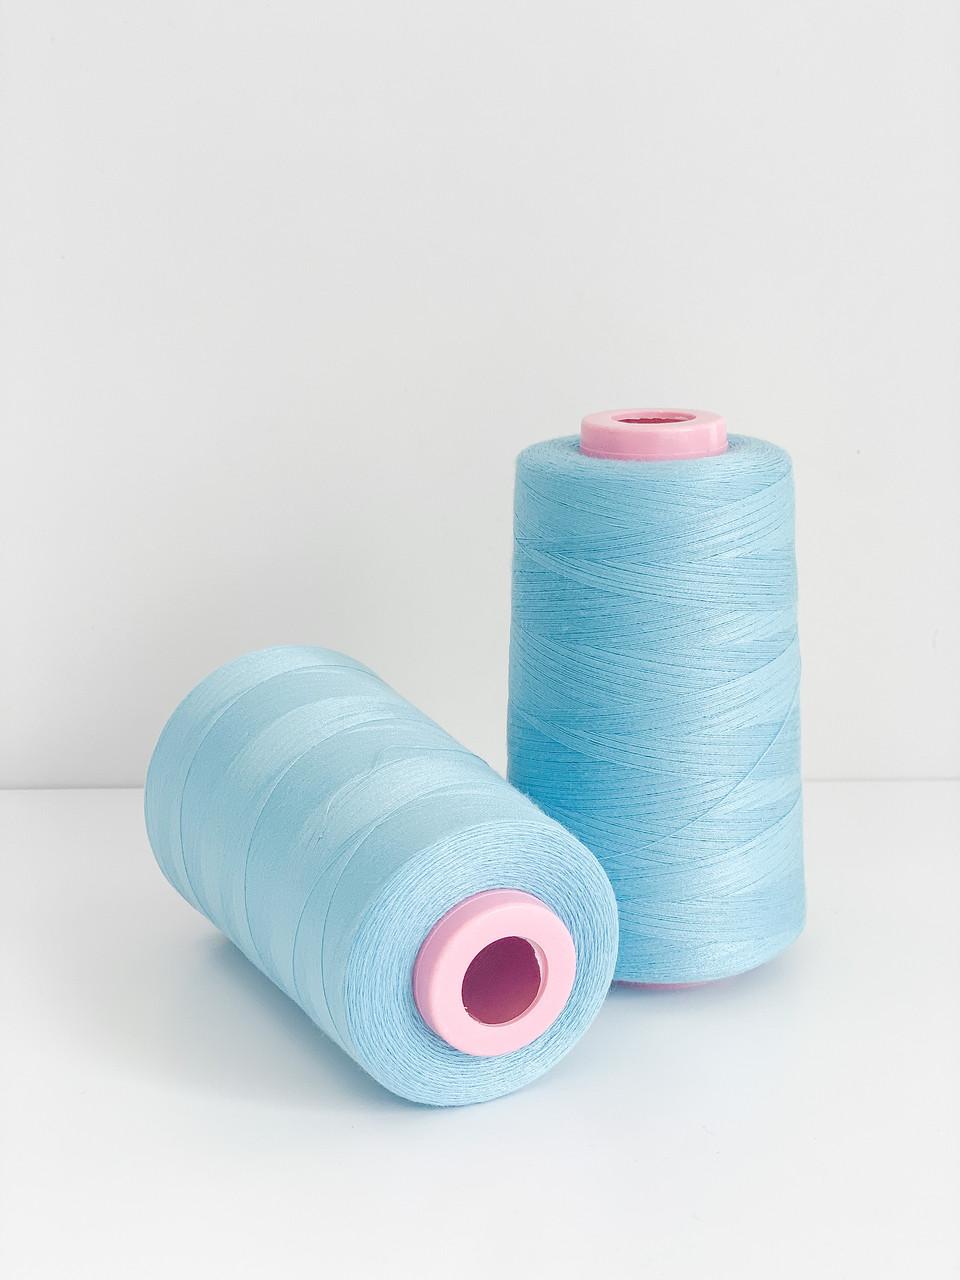 Нитка швейна 40/20 голубой 4000 ярдов